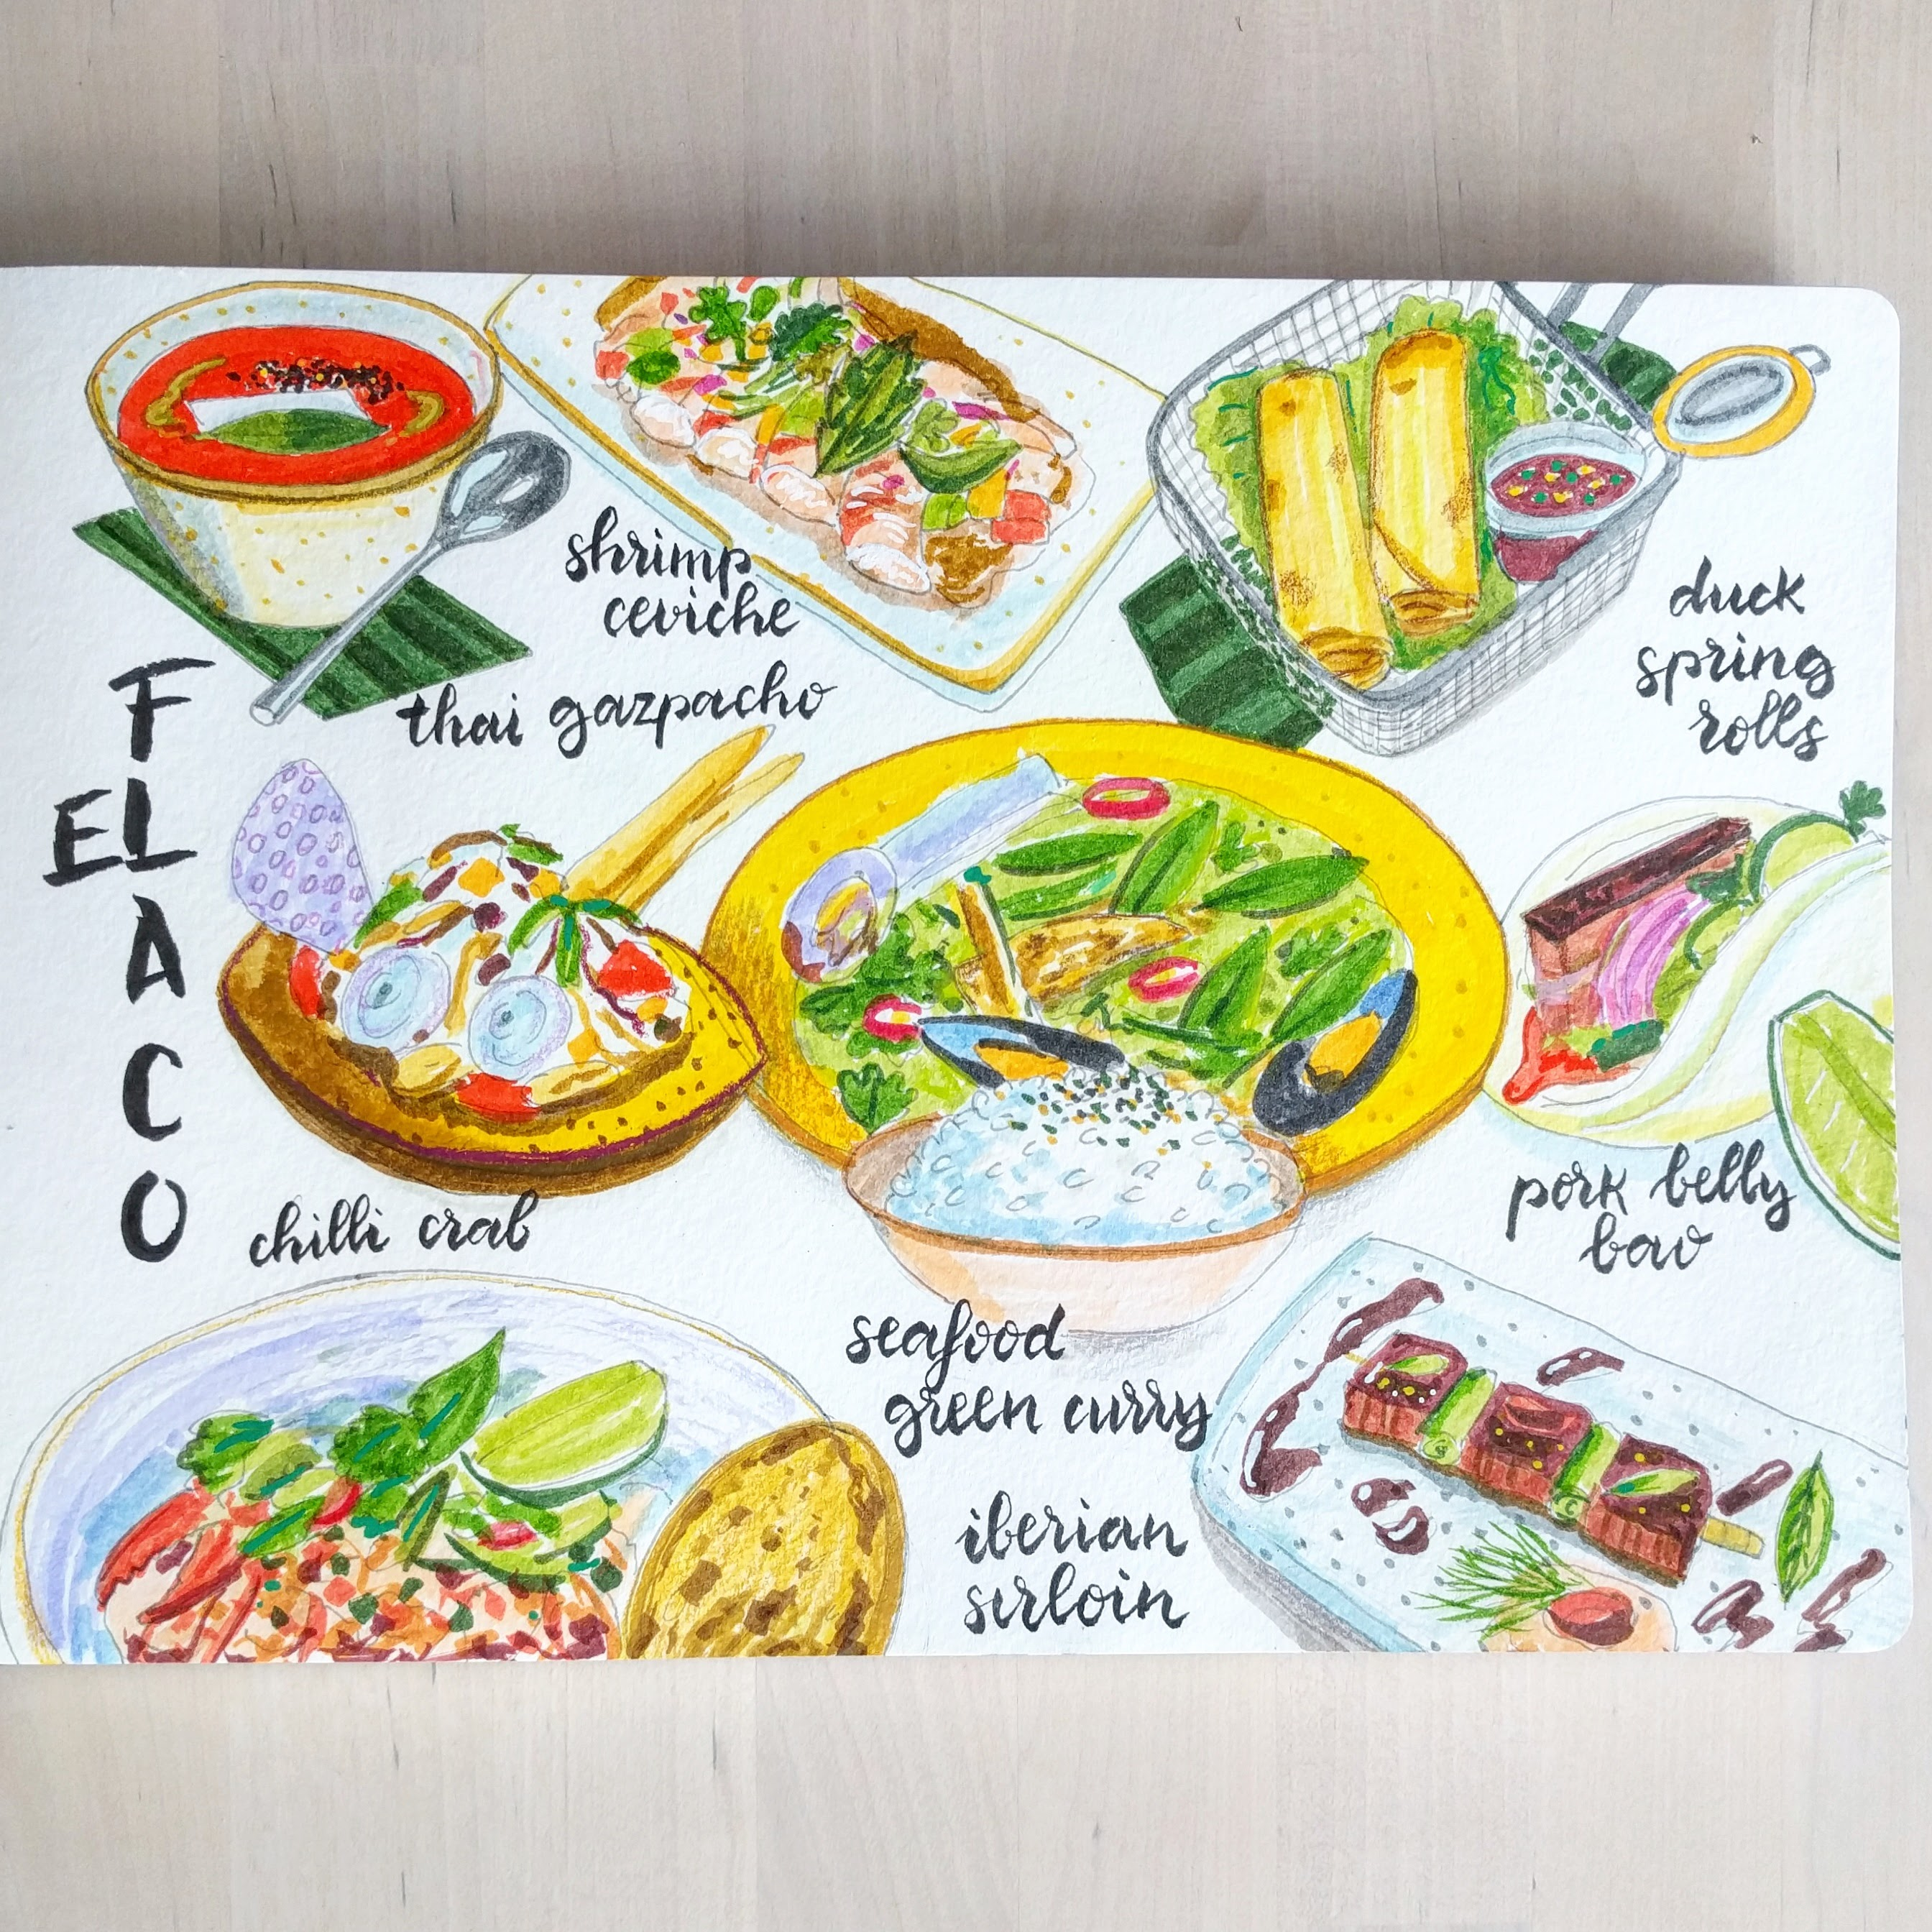 El Flaco tasting menu